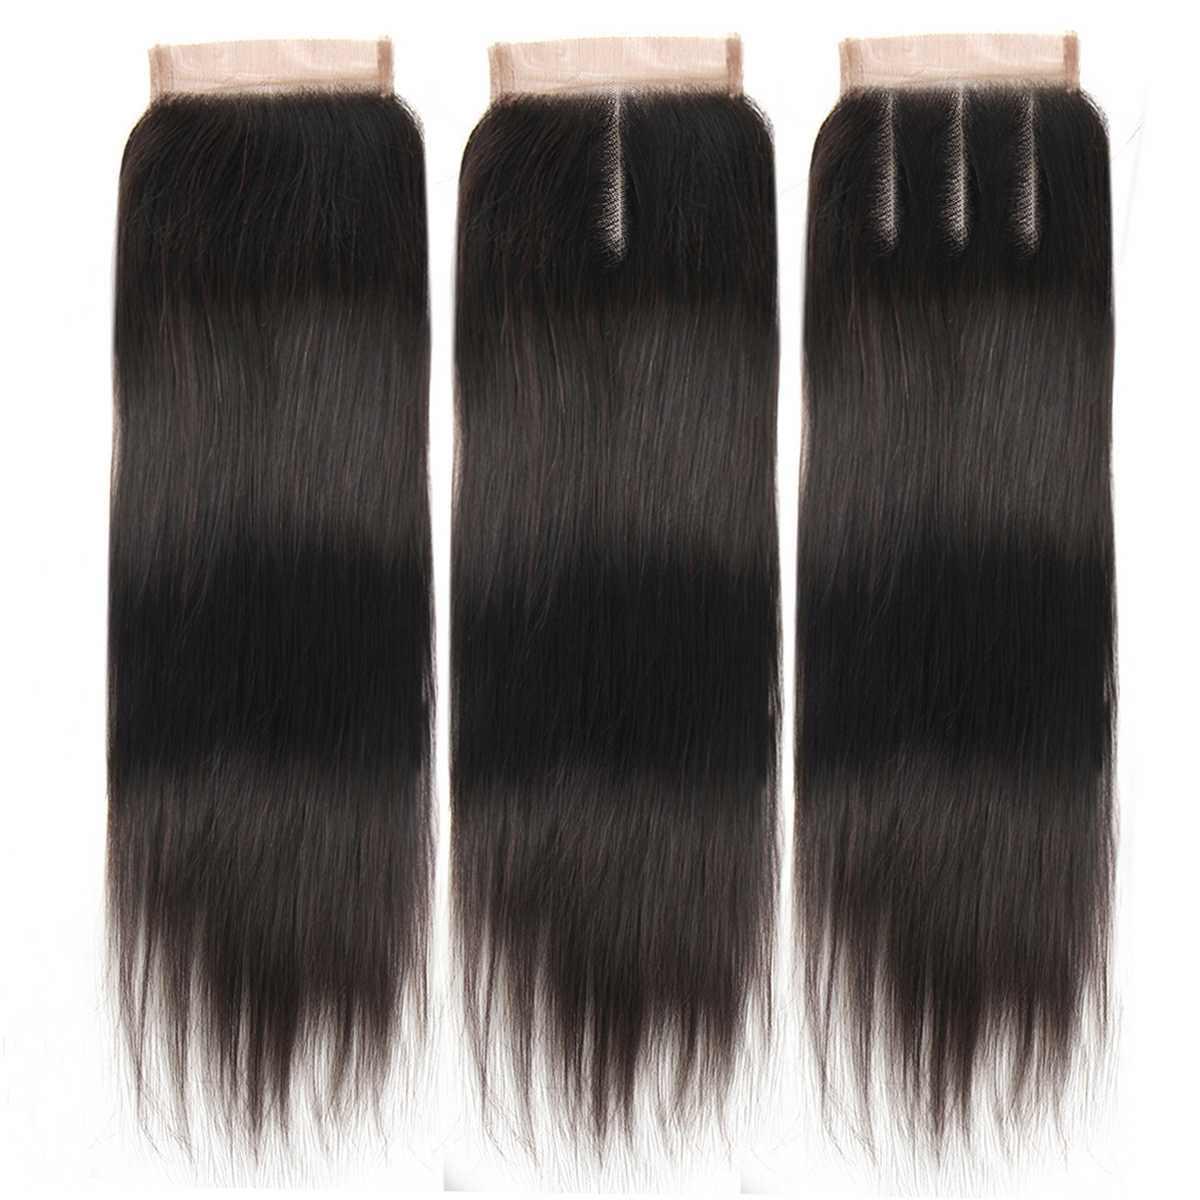 Brasileño recto de la armadura del pelo paquetes de 16 pulgadas paquete brasileño del pelo de la Virgen extensiones de la armadura del pelo humano peluca para mujeres